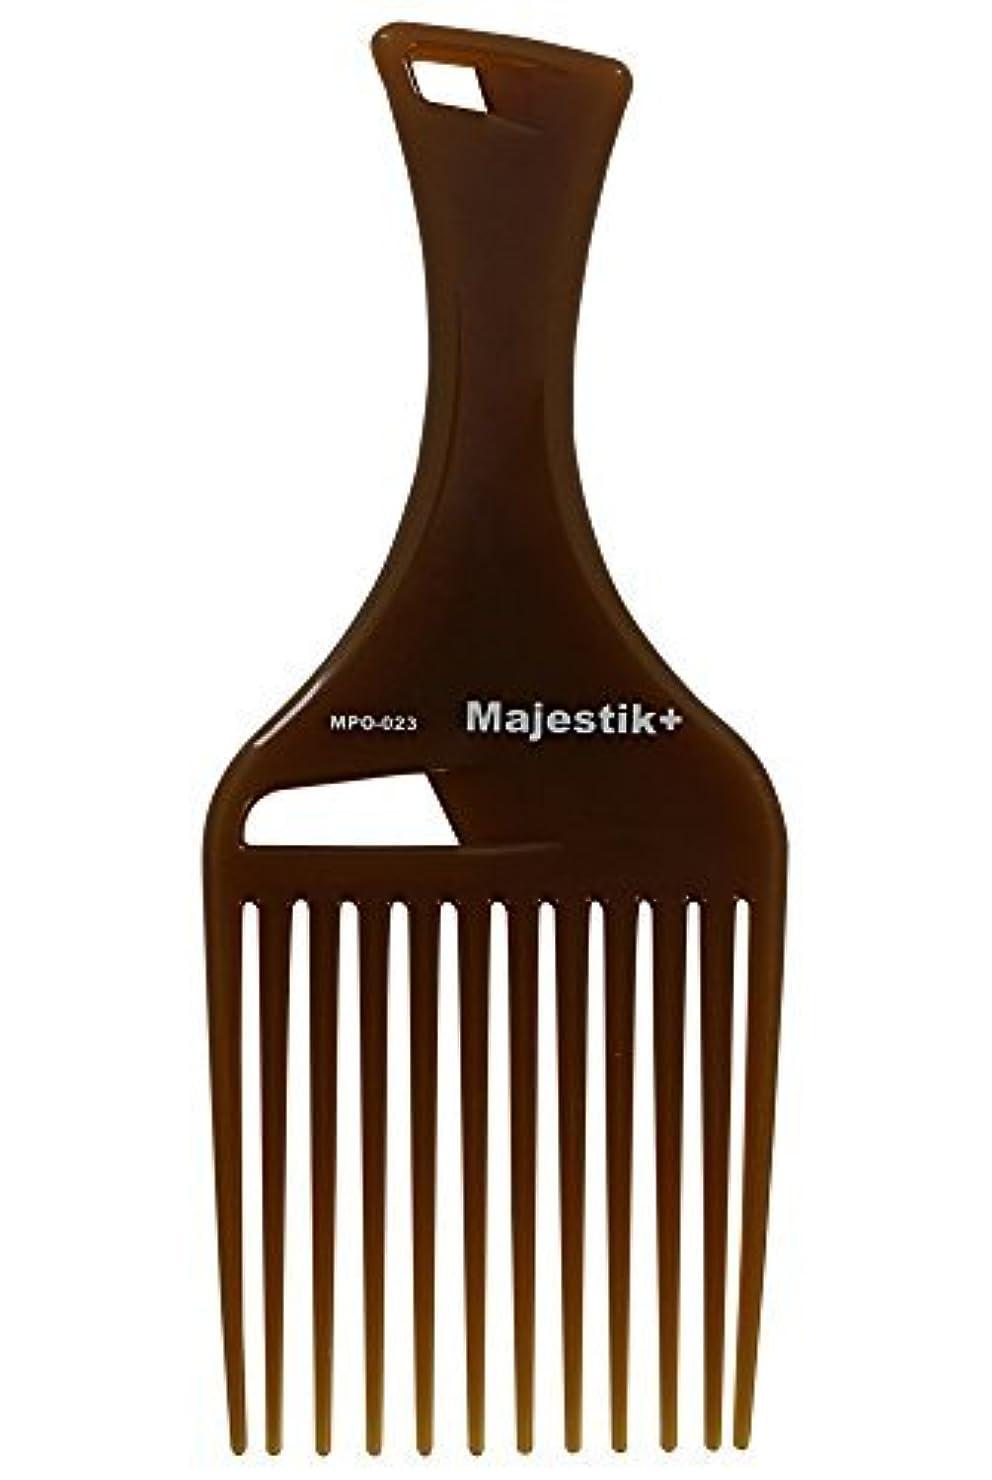 住人ゆるくラフHair Comb- Afro Hair Comb Infused With Argan Oil Wide Tooth, Brown, Rake Comb, With Bespoke PVC Product Pouch...